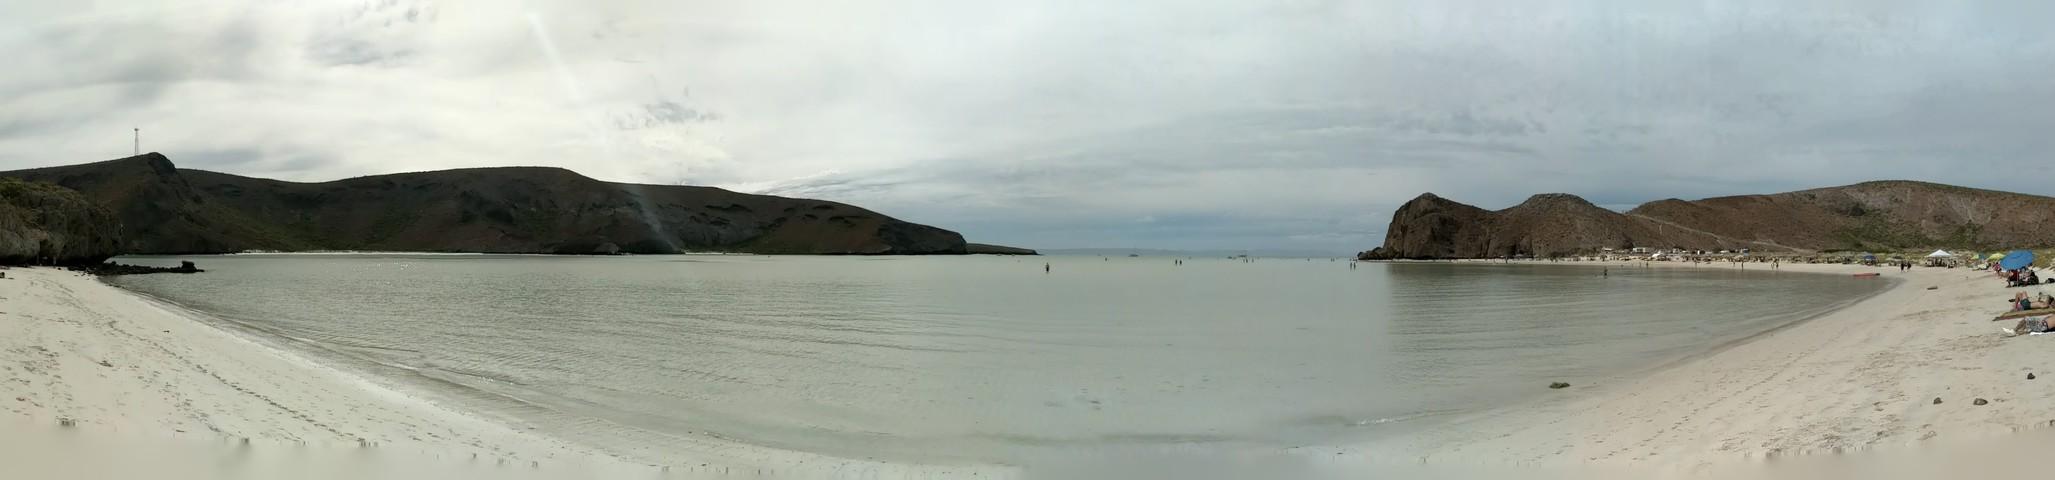 Belandra beach